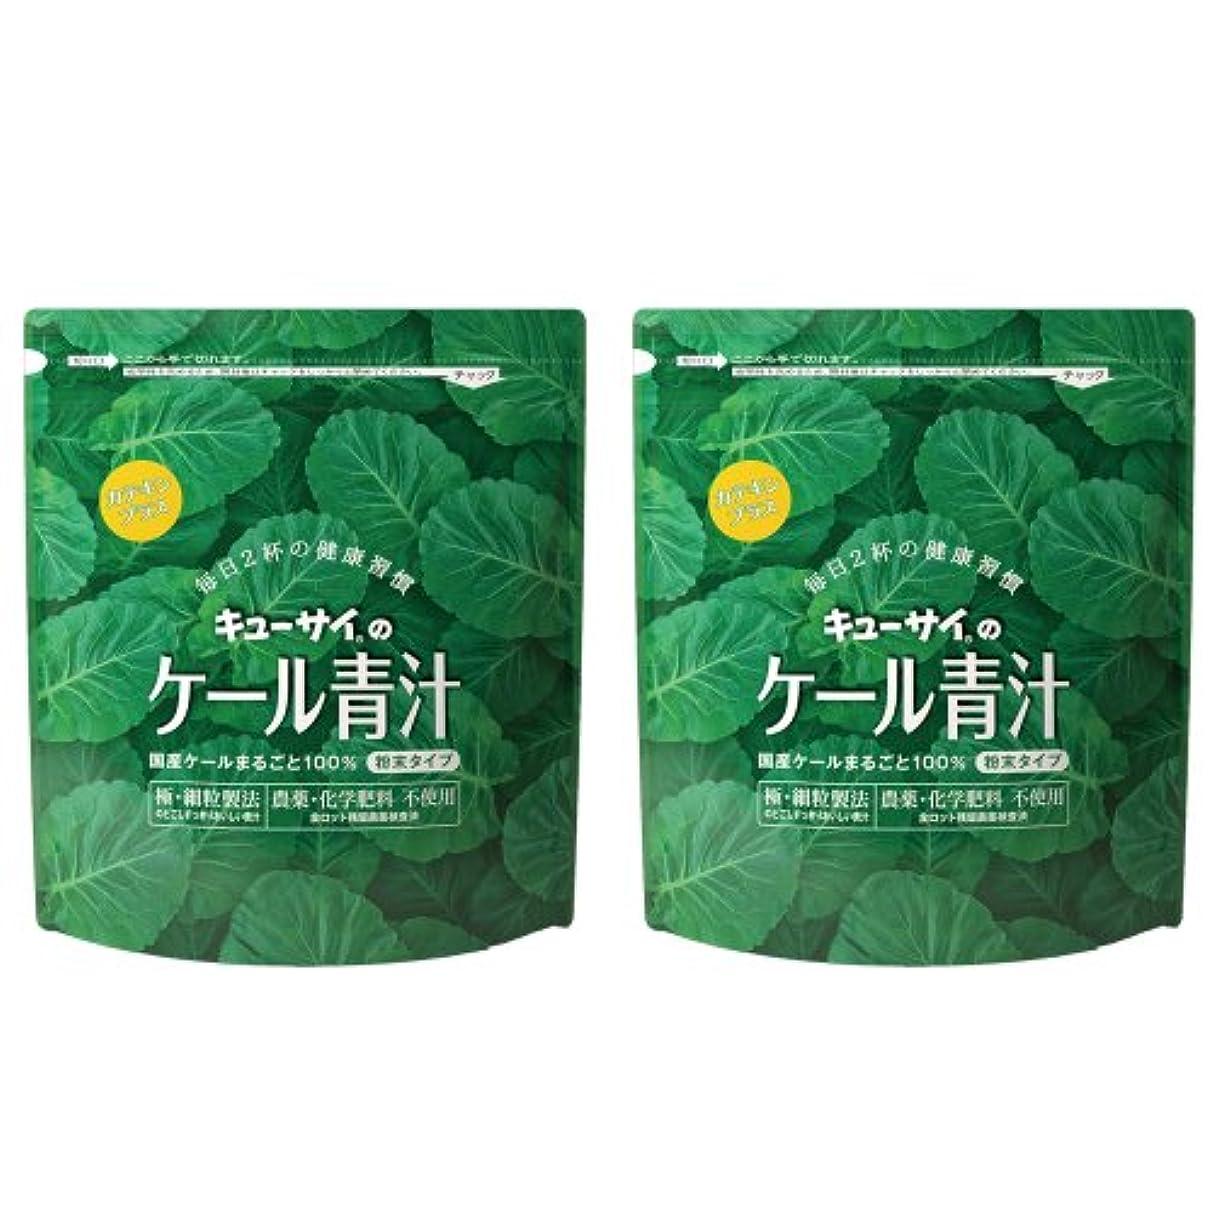 ニコチンピカリング絶対にキューサイ青汁カテキンプラス420g(粉末タイプ)2袋まとめ買い【1袋420g(約1カ月分)】